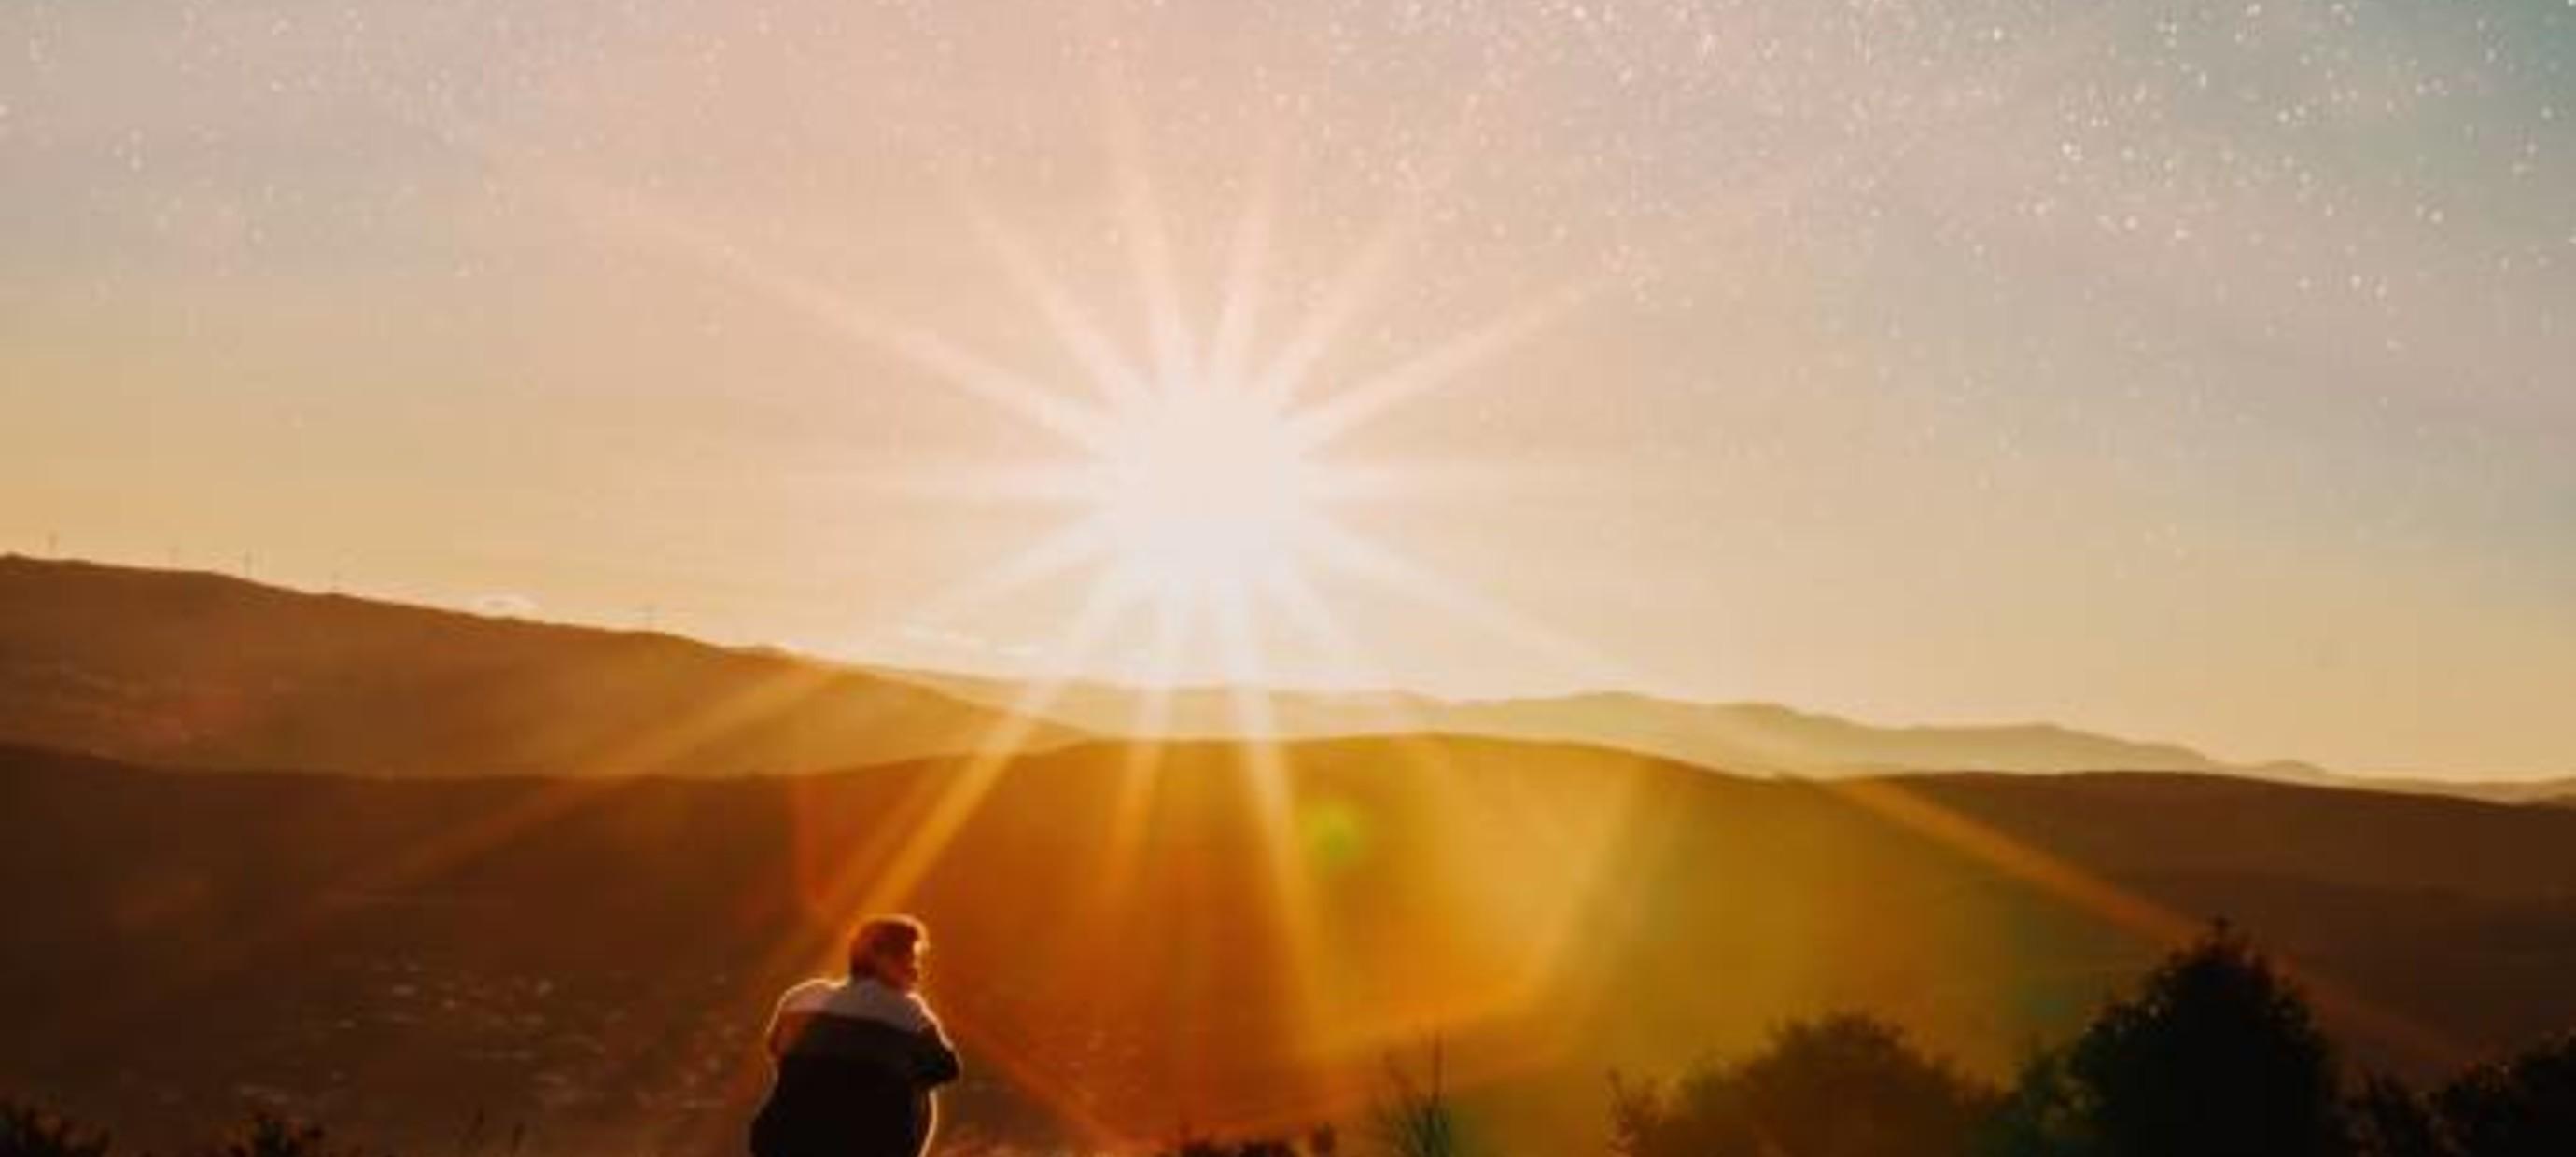 Jouw nieuwe ochtendroutine voor meer energie